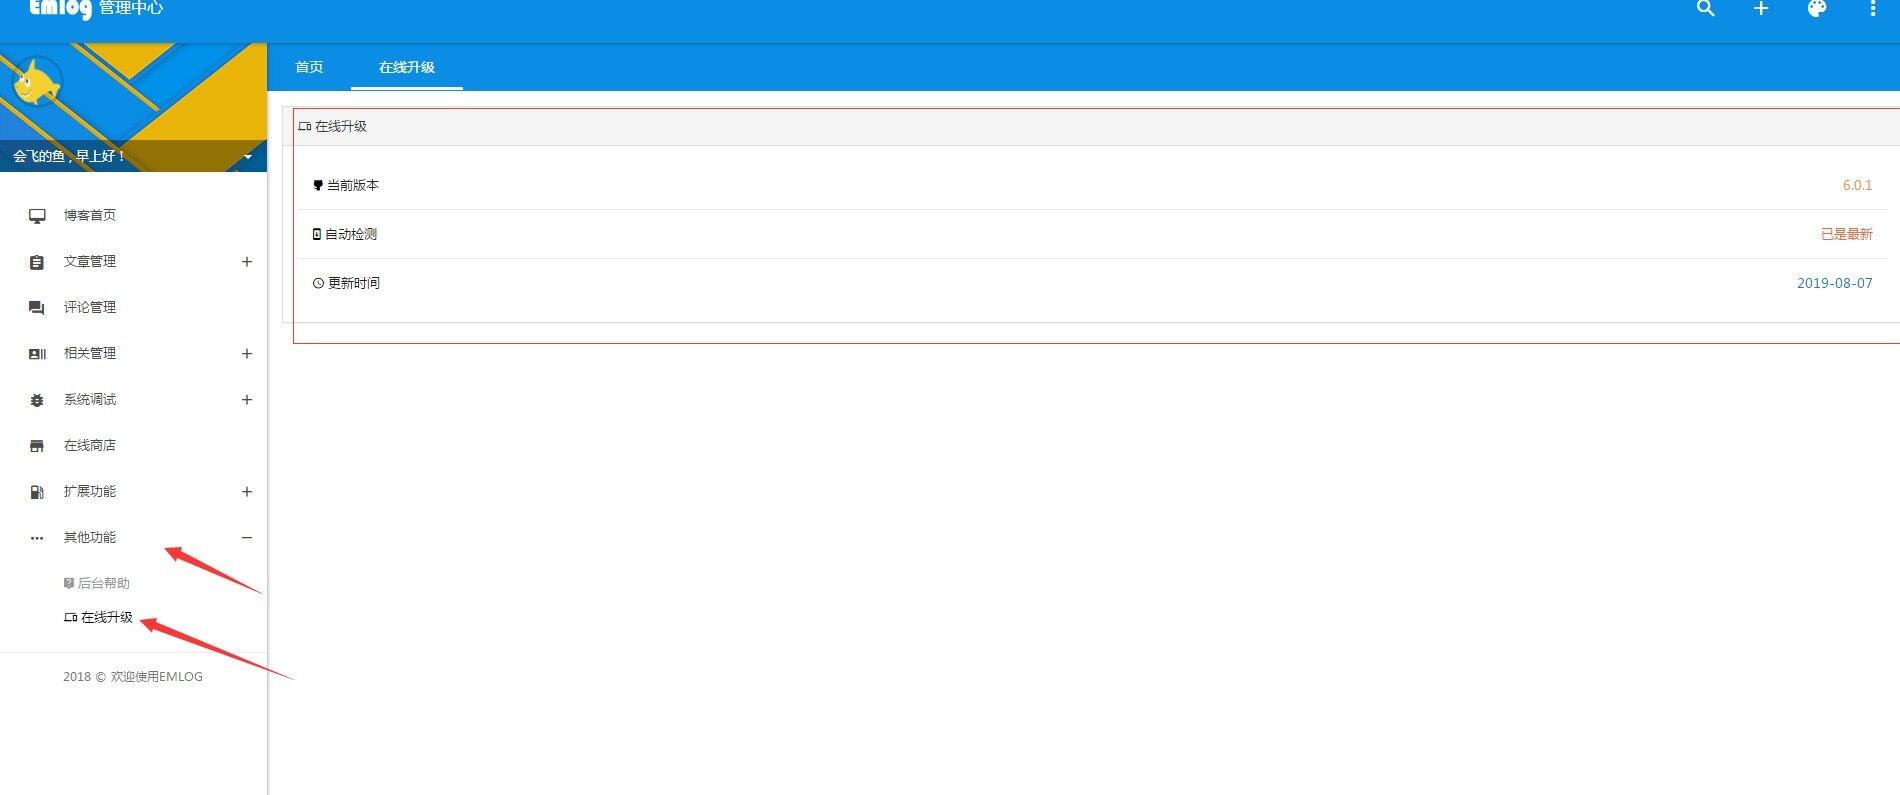 emlog6.0.1在线商店修复文件